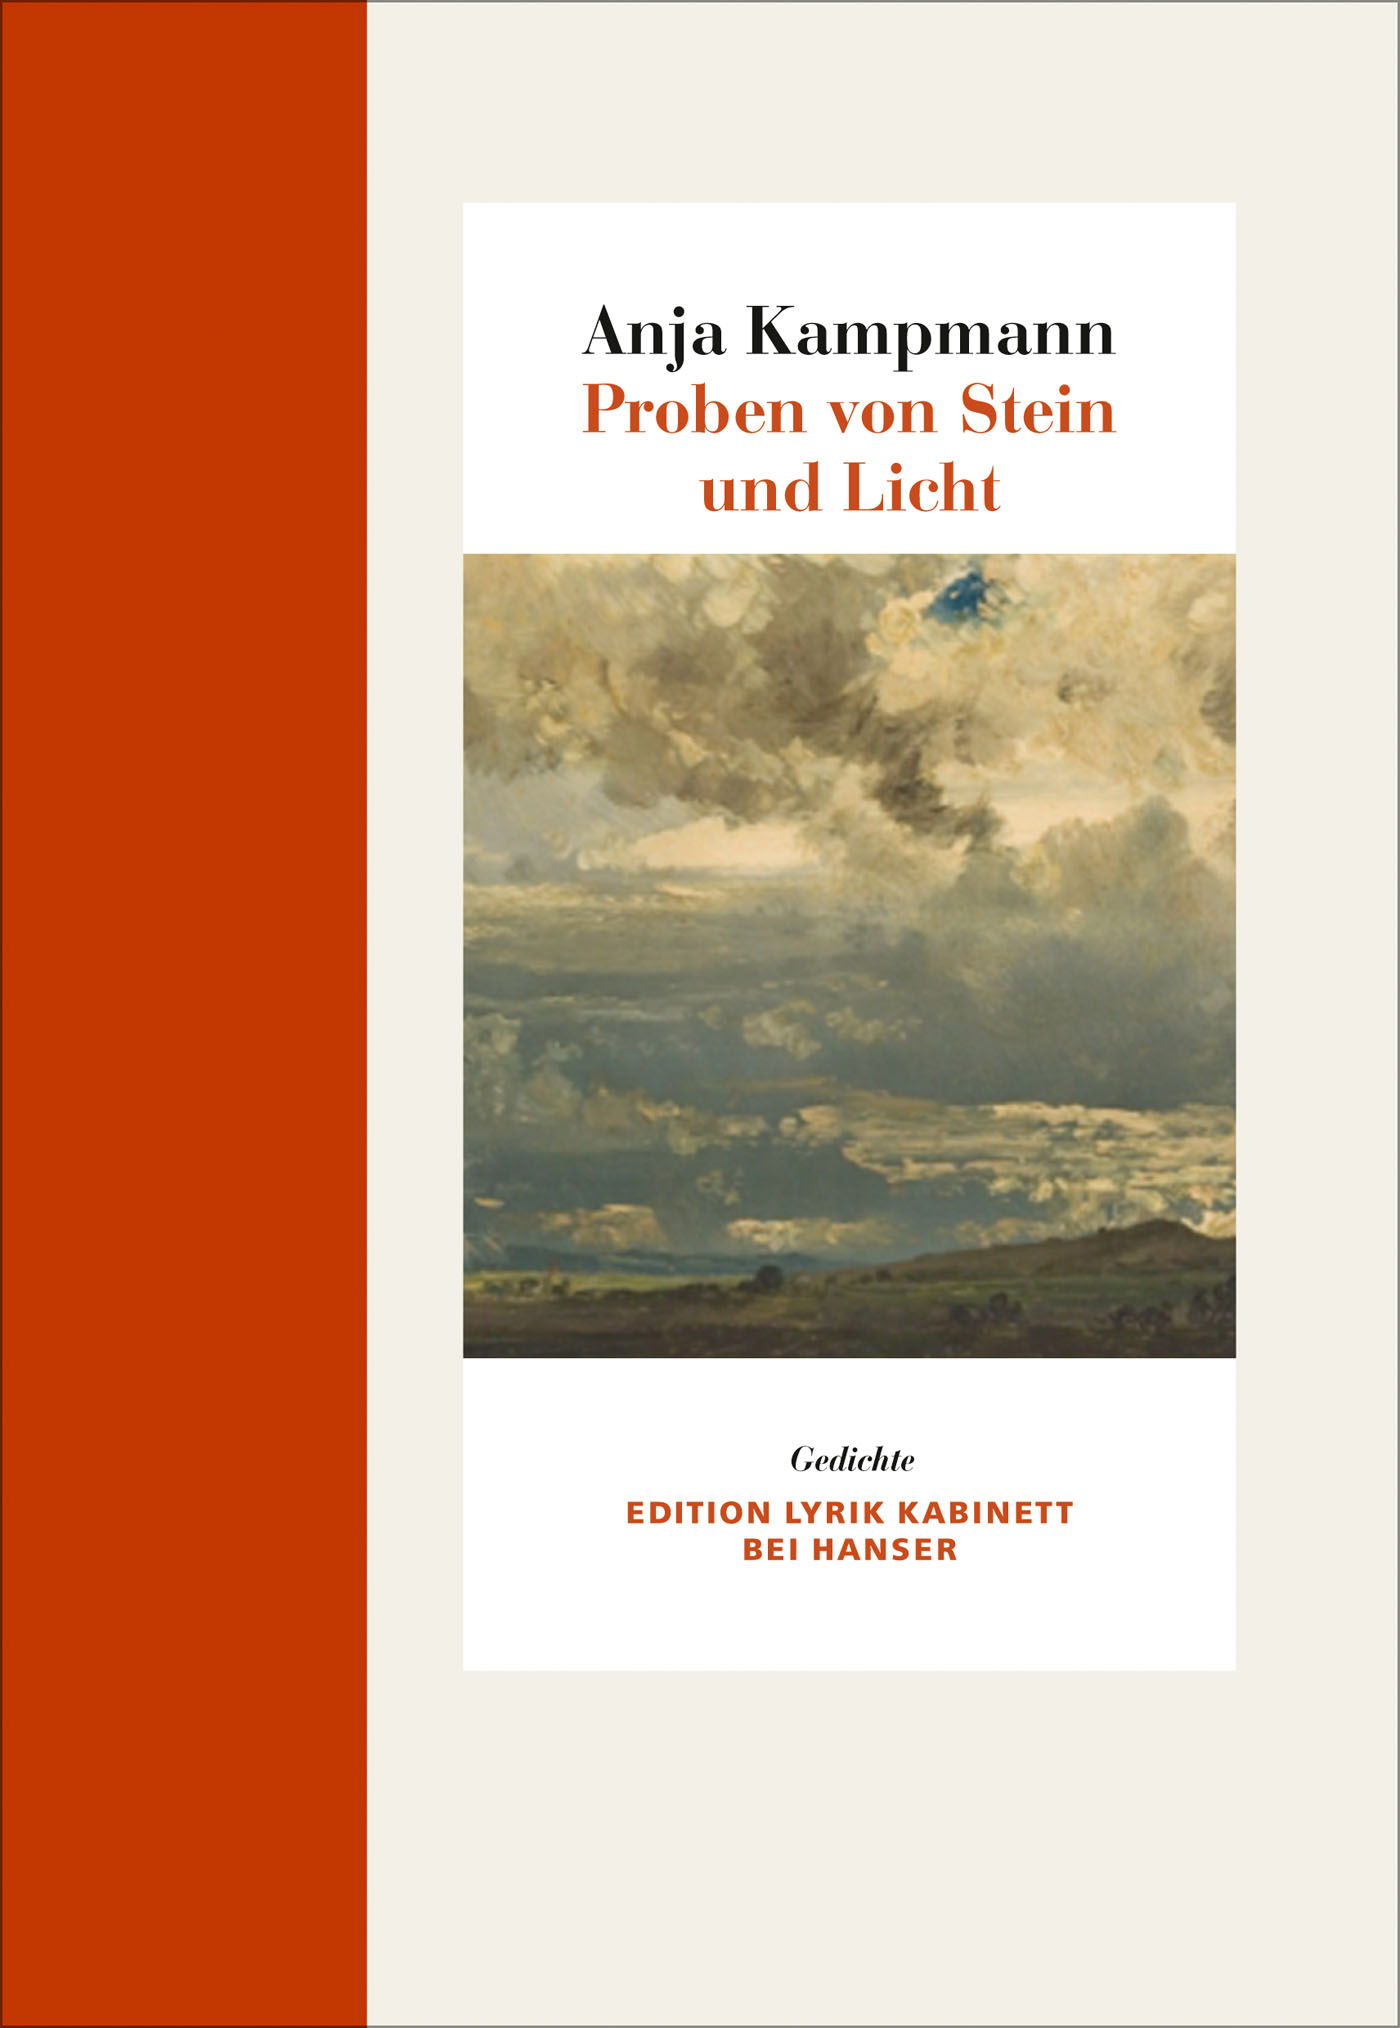 Anja Kampmann: Proben von Stein und Licht